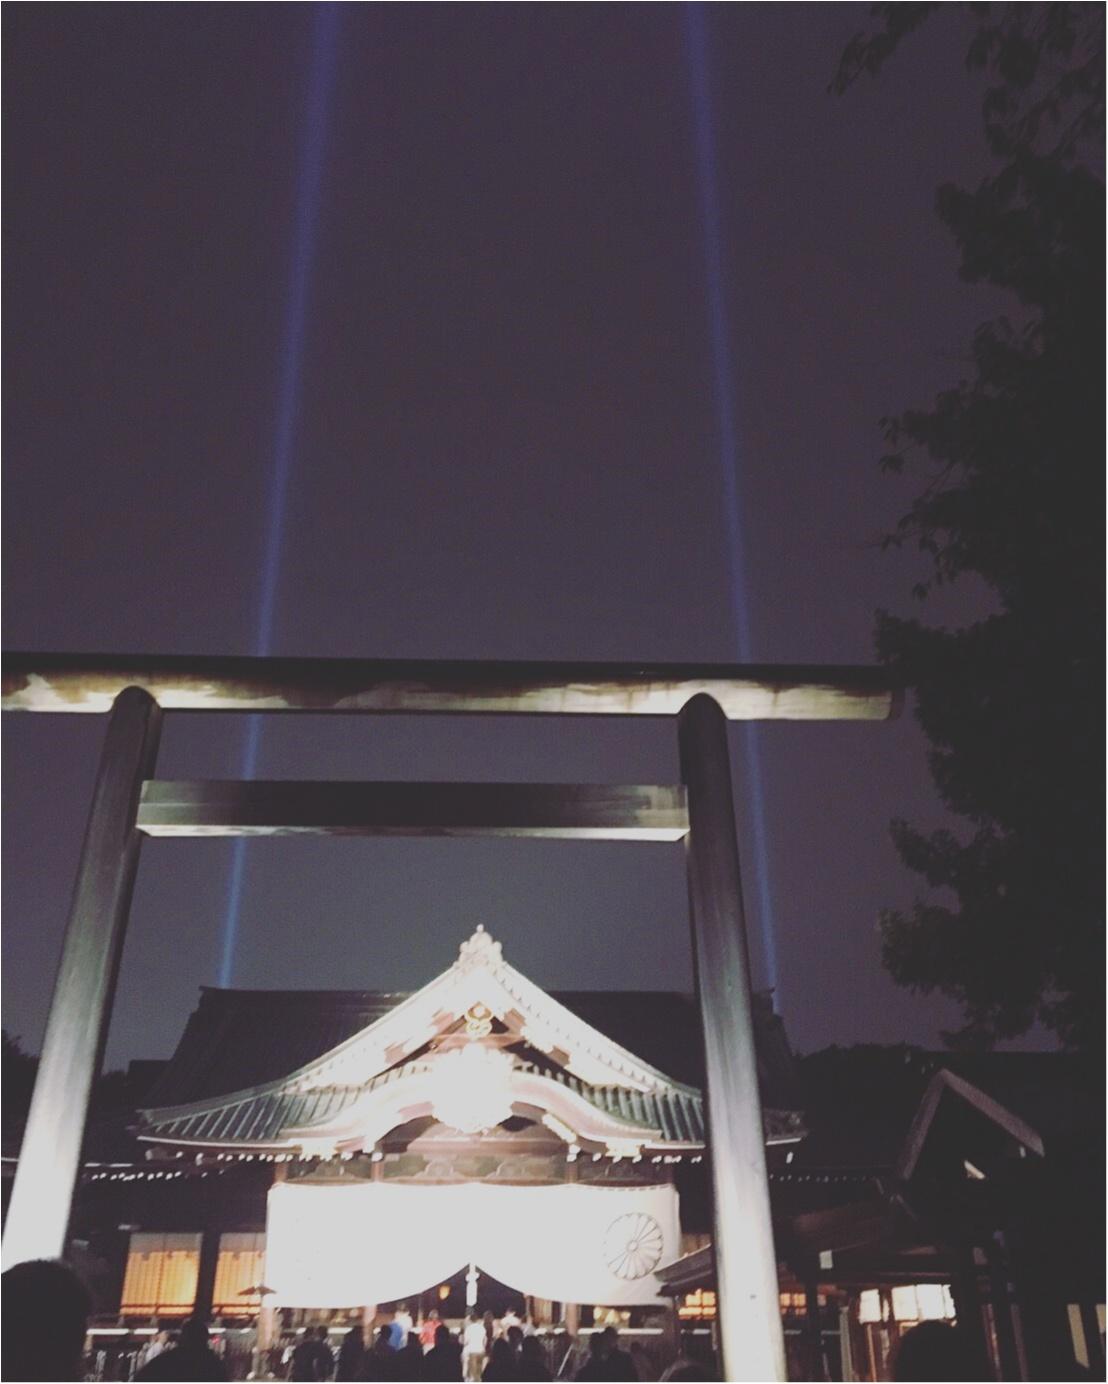 【靖国神社ライトアップ】秋の夜長参拝イベント「みらいとてらす〜秋を彩る九段の光」が幻想的✨プロジェクションマッピングも!≪samenyan≫_5